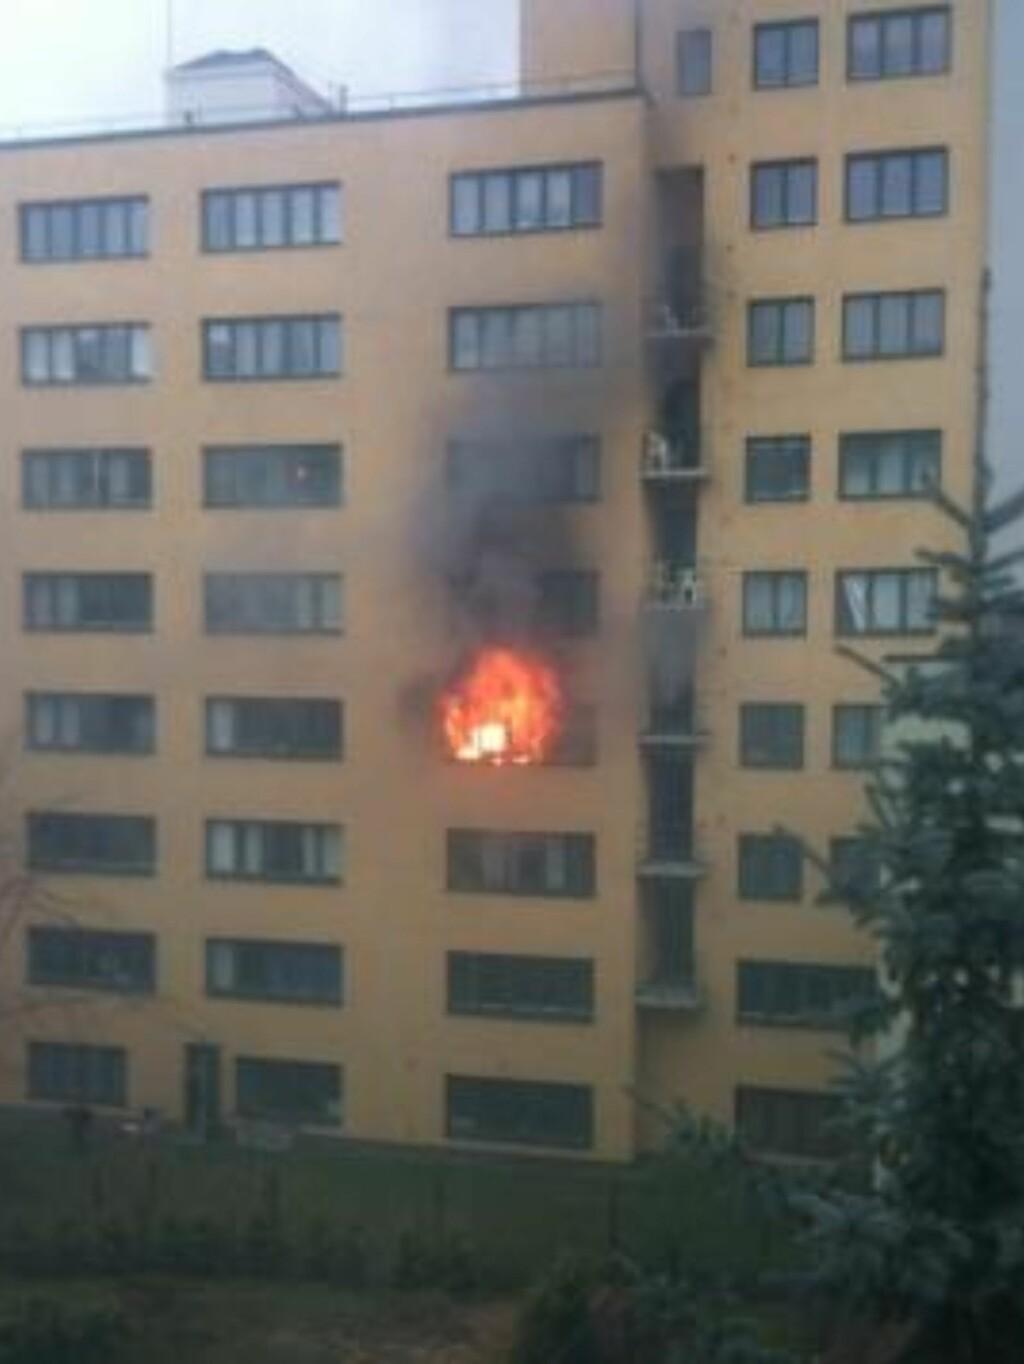 STORBRANN:  Storbrannen i Bygdøy Alle 35 startet i denne leilighetn i 4. etasje like før klokka 07. MMS-FOTO: MADS GUDIM BURHEIM.